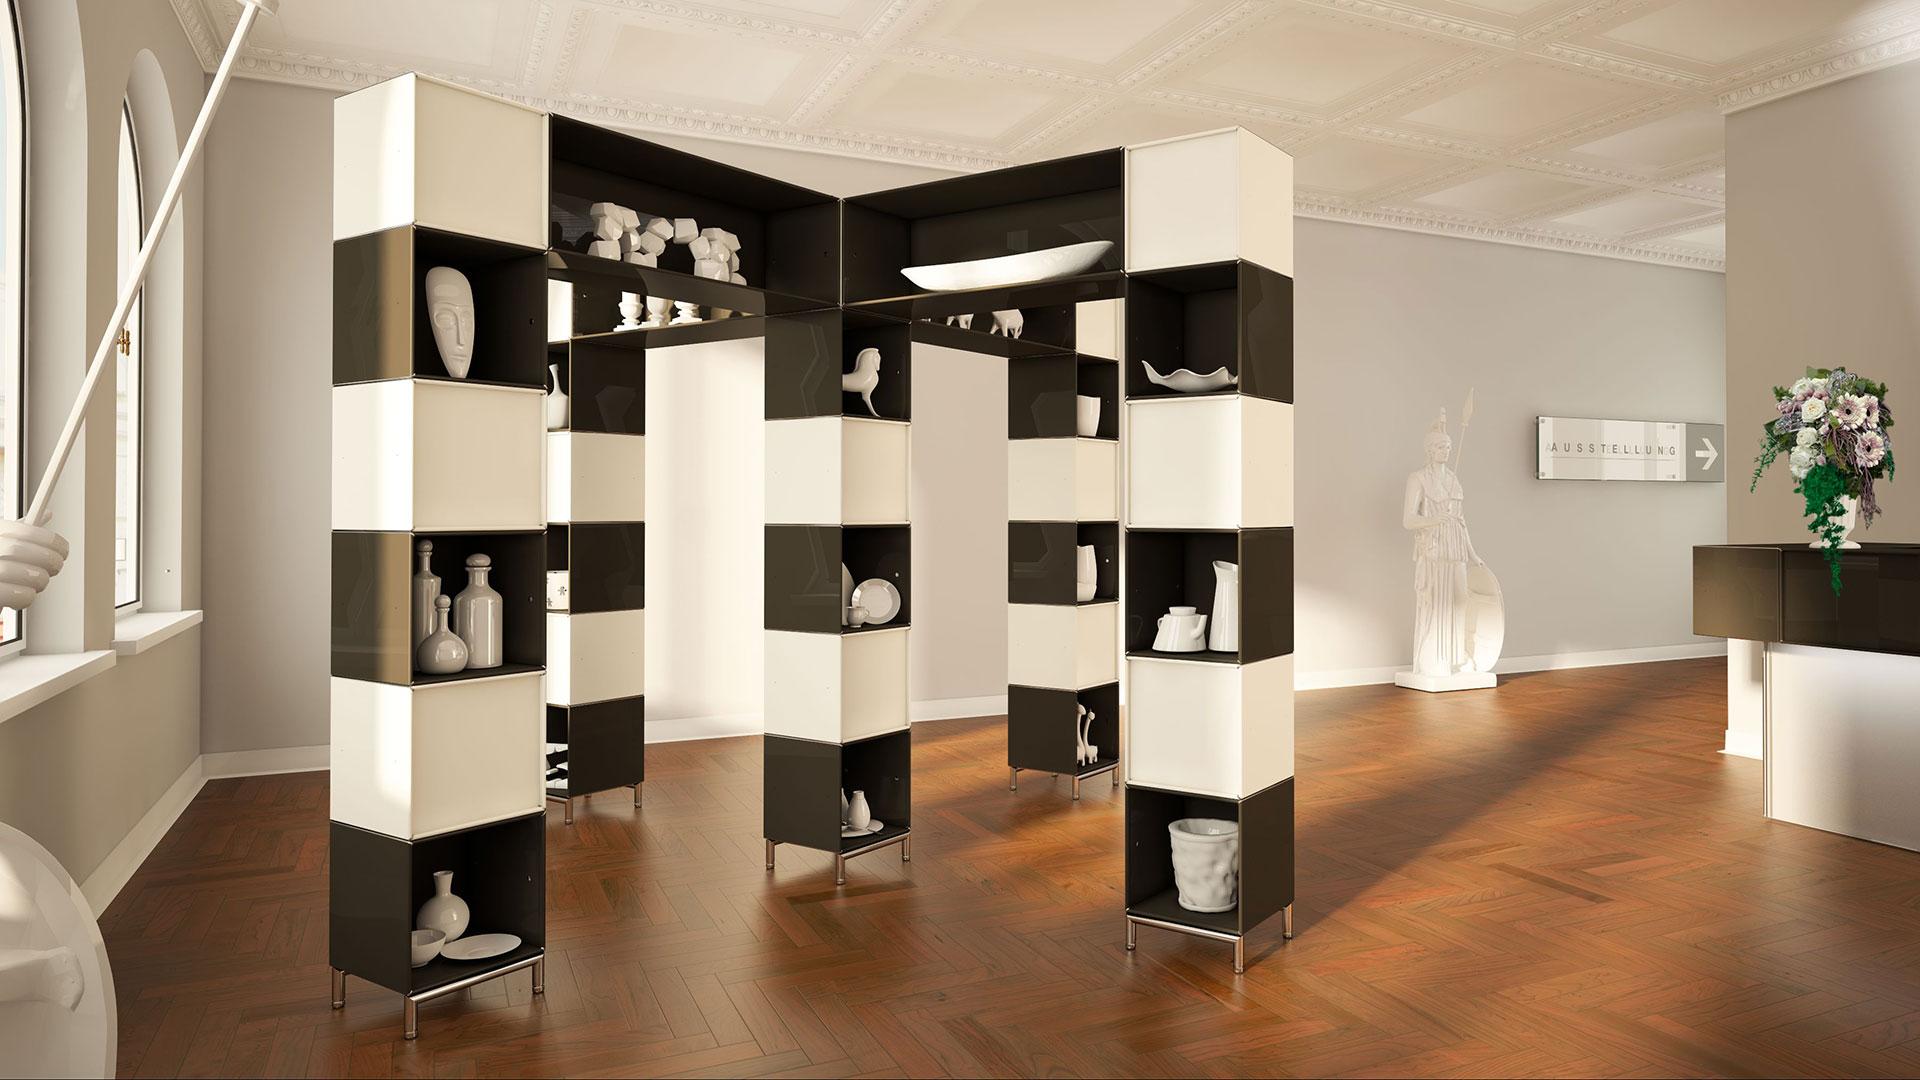 Design-Moebel-Gliederungssysteme-Foyer-element-x-mauser-16-9